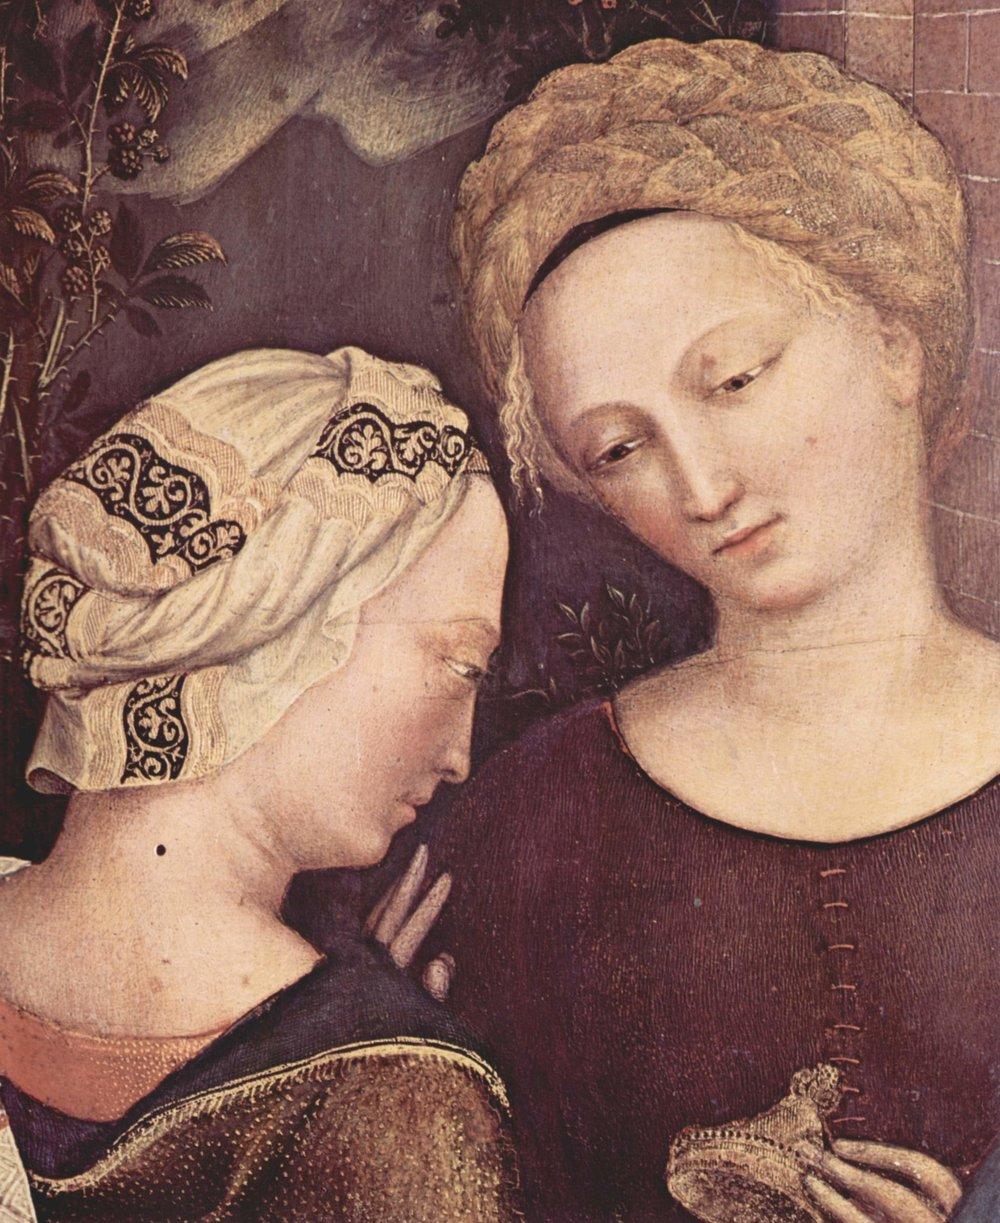 Gentile da Fabriano (Adoration of the Magi, 1423) - Fancy turban